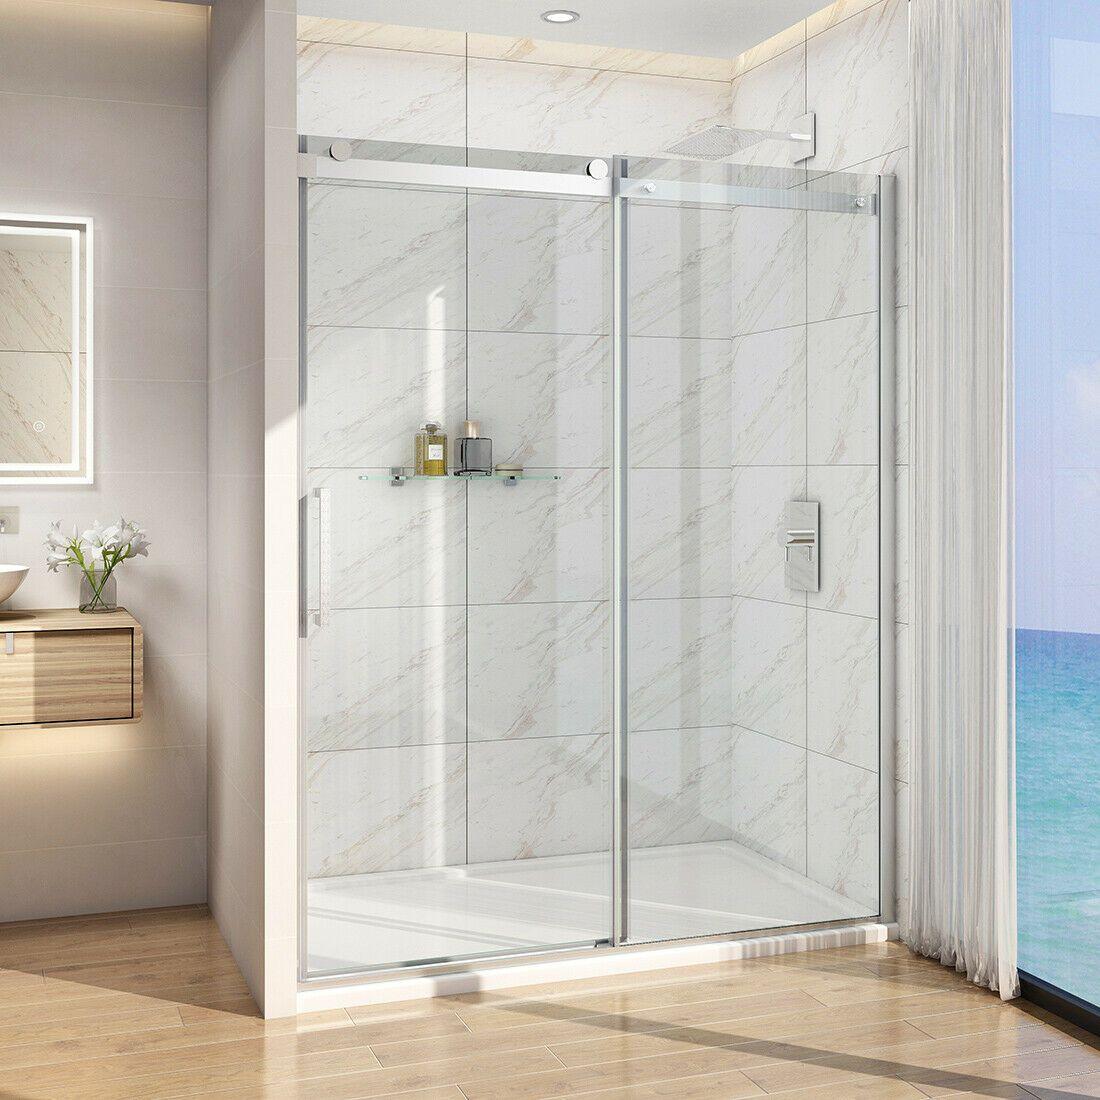 Details About Frameless Sliding Shower Doors Screen 5 16 Clear